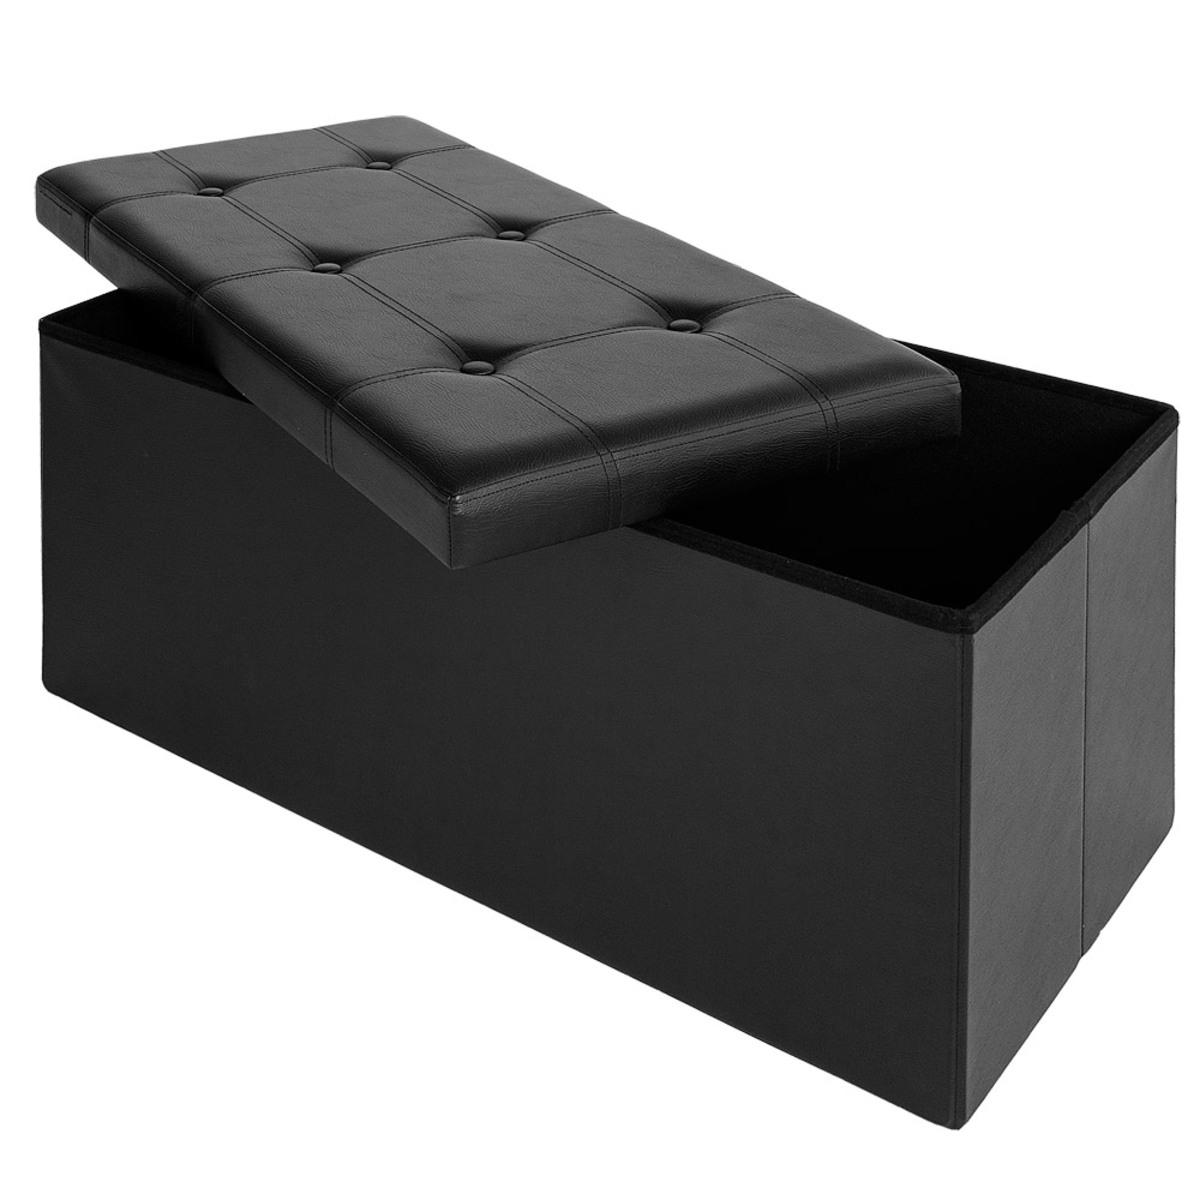 Bild 3 von Deuba Faltbare Sitzbank/Sitzhocker MDF schwarz